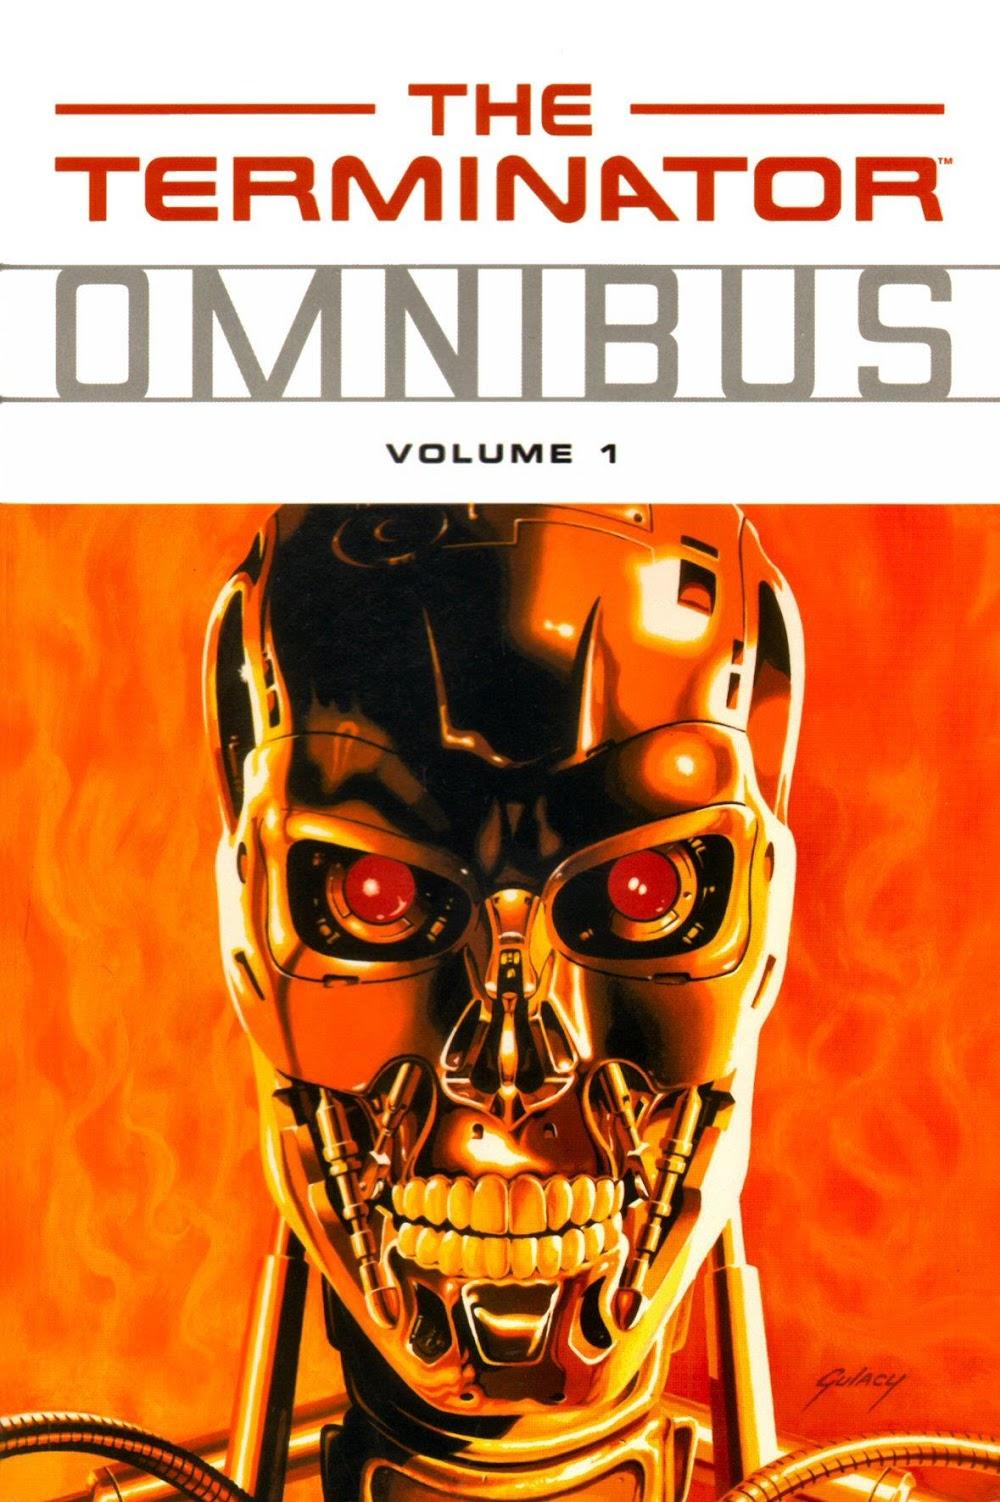 The Terminator Omnibus Vol.1 (2008)